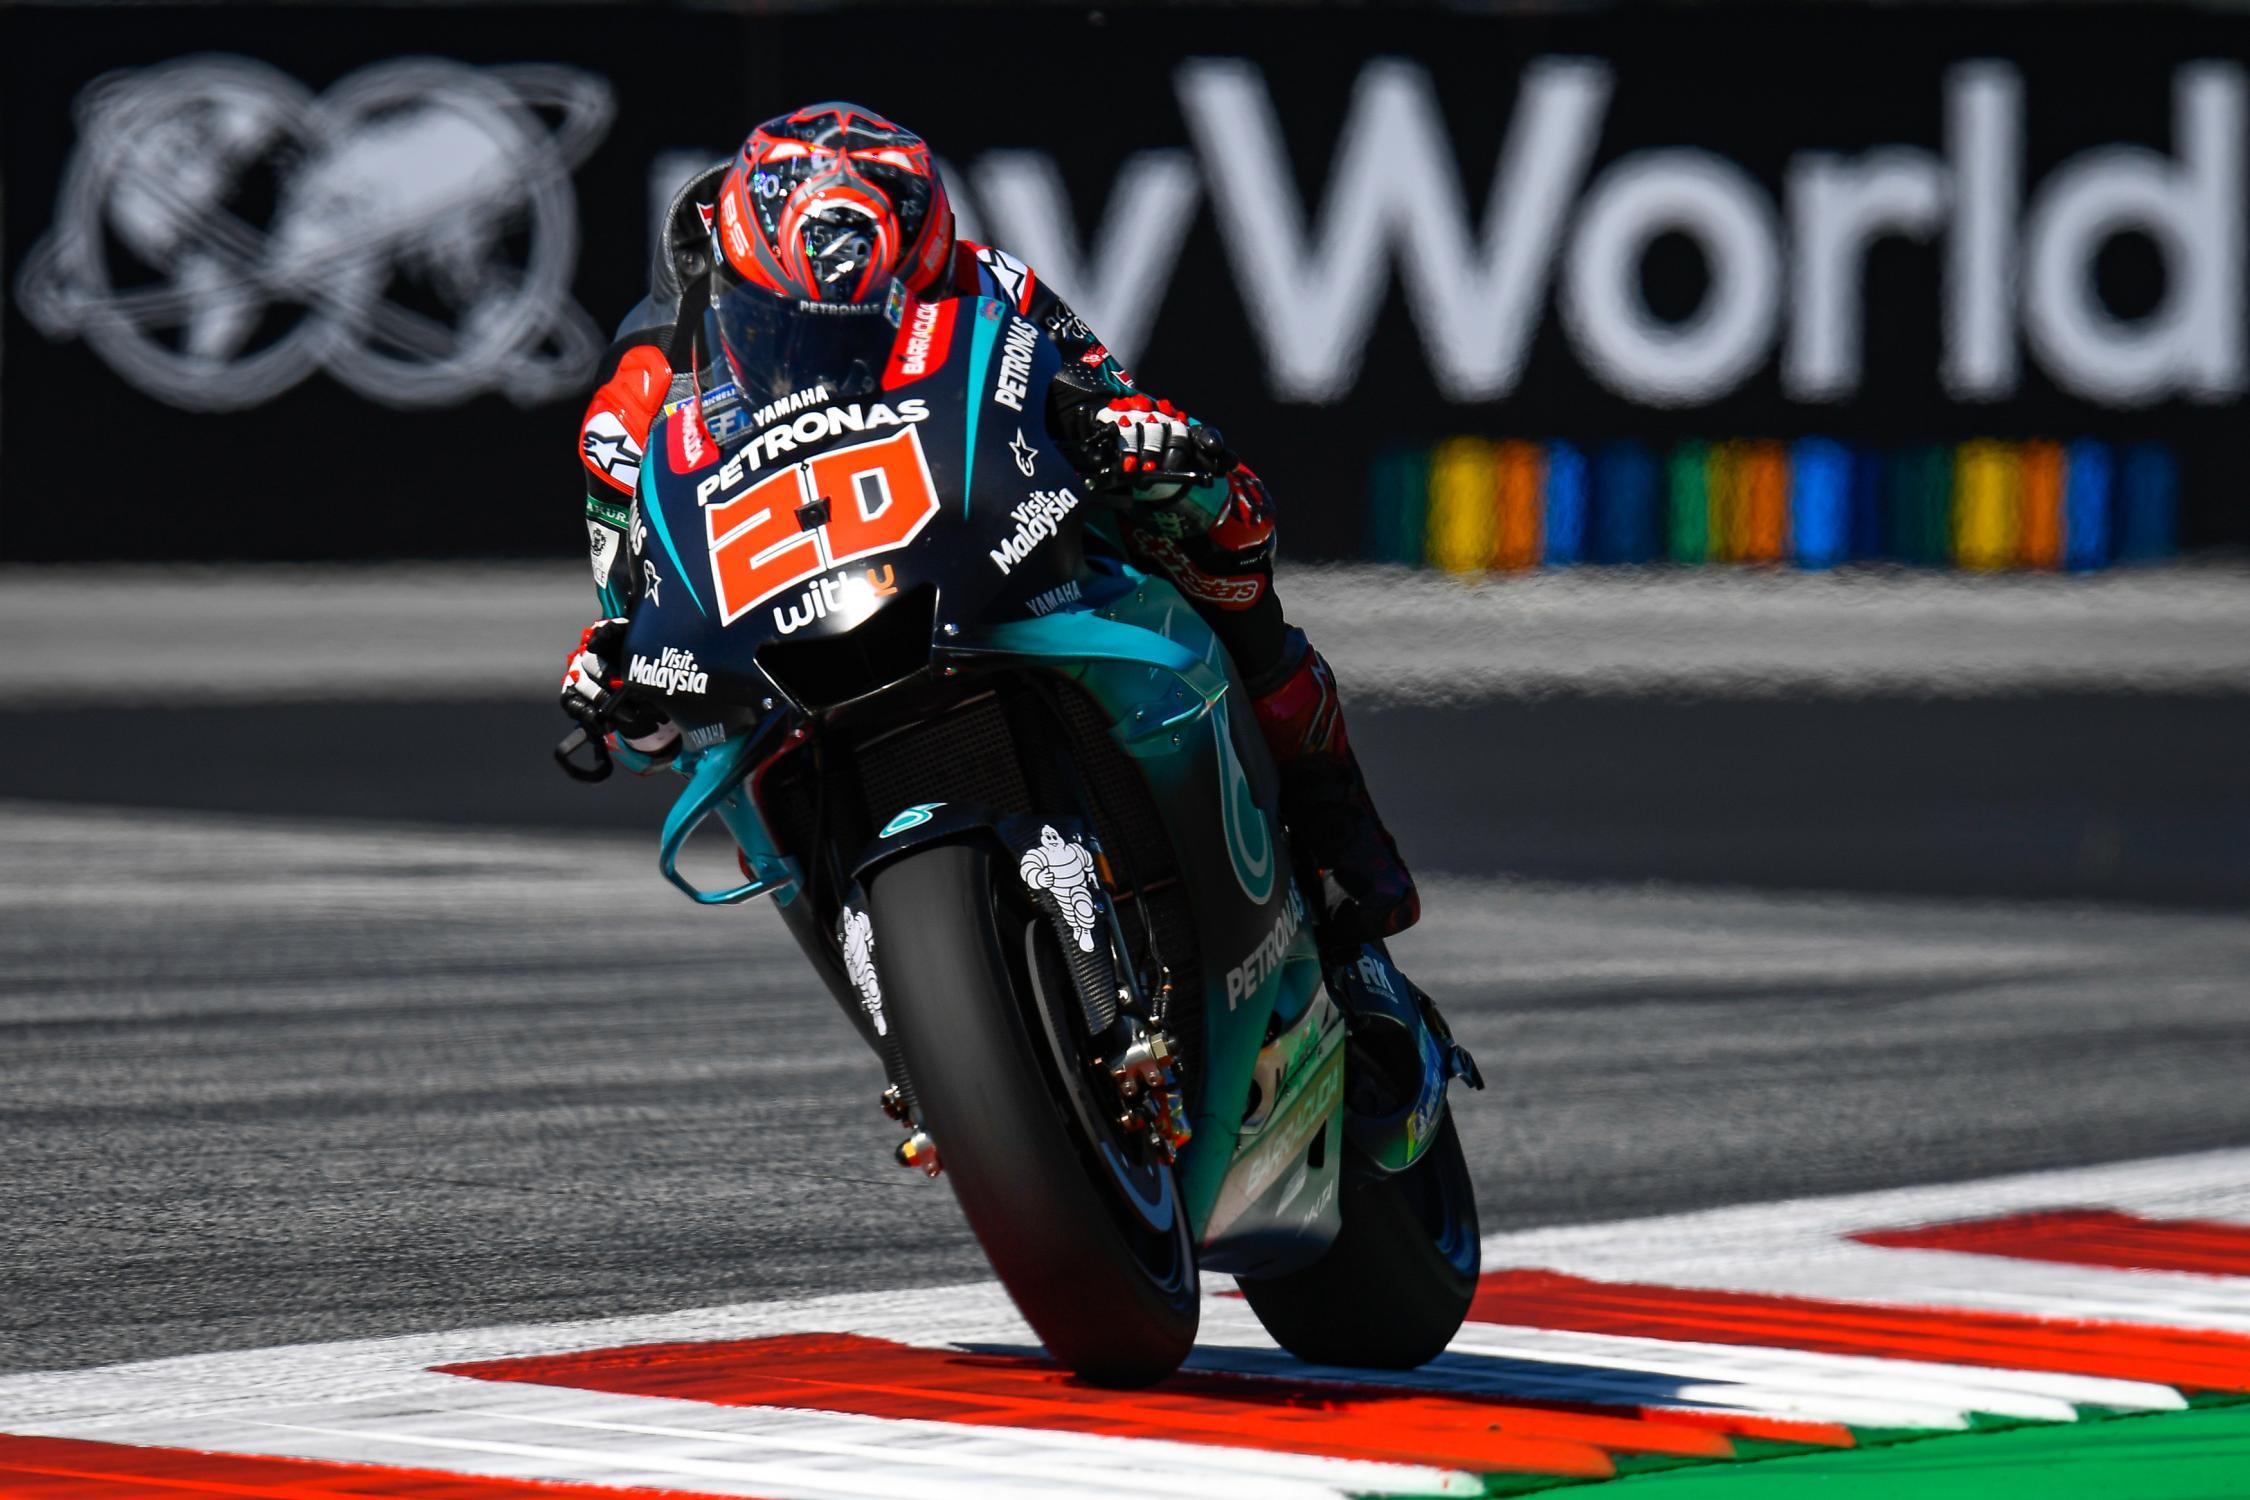 MOTO GP : GRAND PRIX DE THAÏLANDE DU 4 AU 6 OCTOBRE 2019 Fabio-quartararo-autriche-motogp-2019